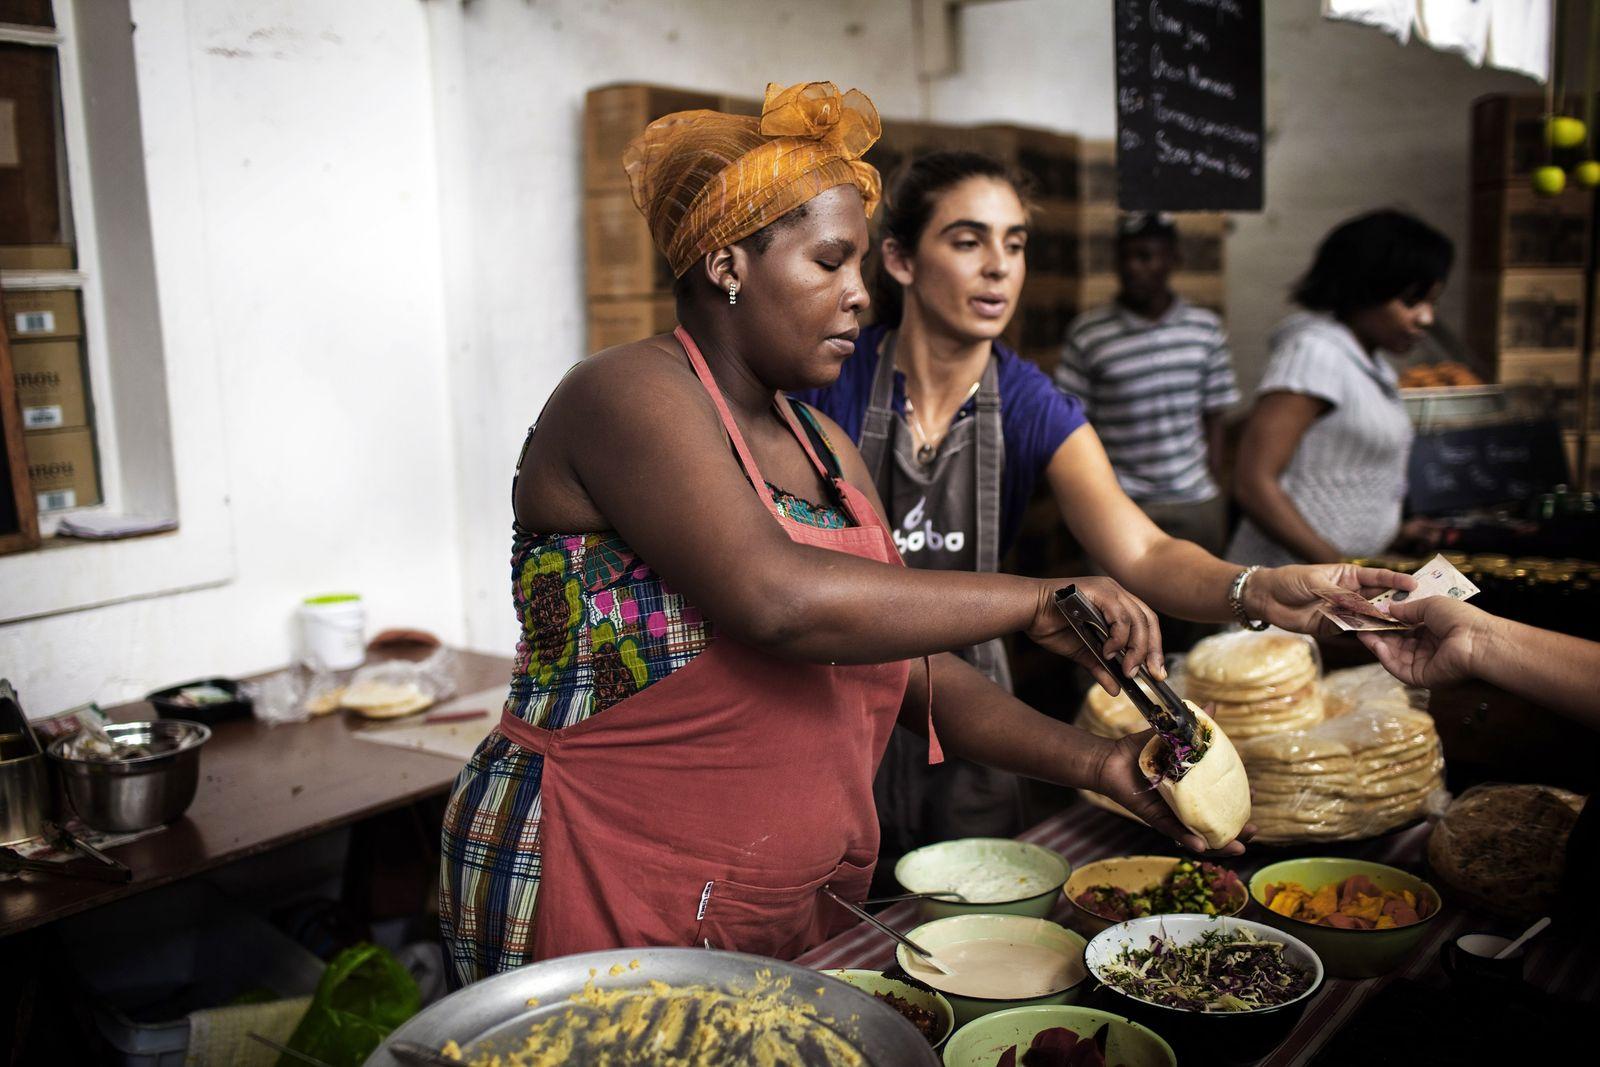 Markt / Kapstadt / Südafrika / Woodstock